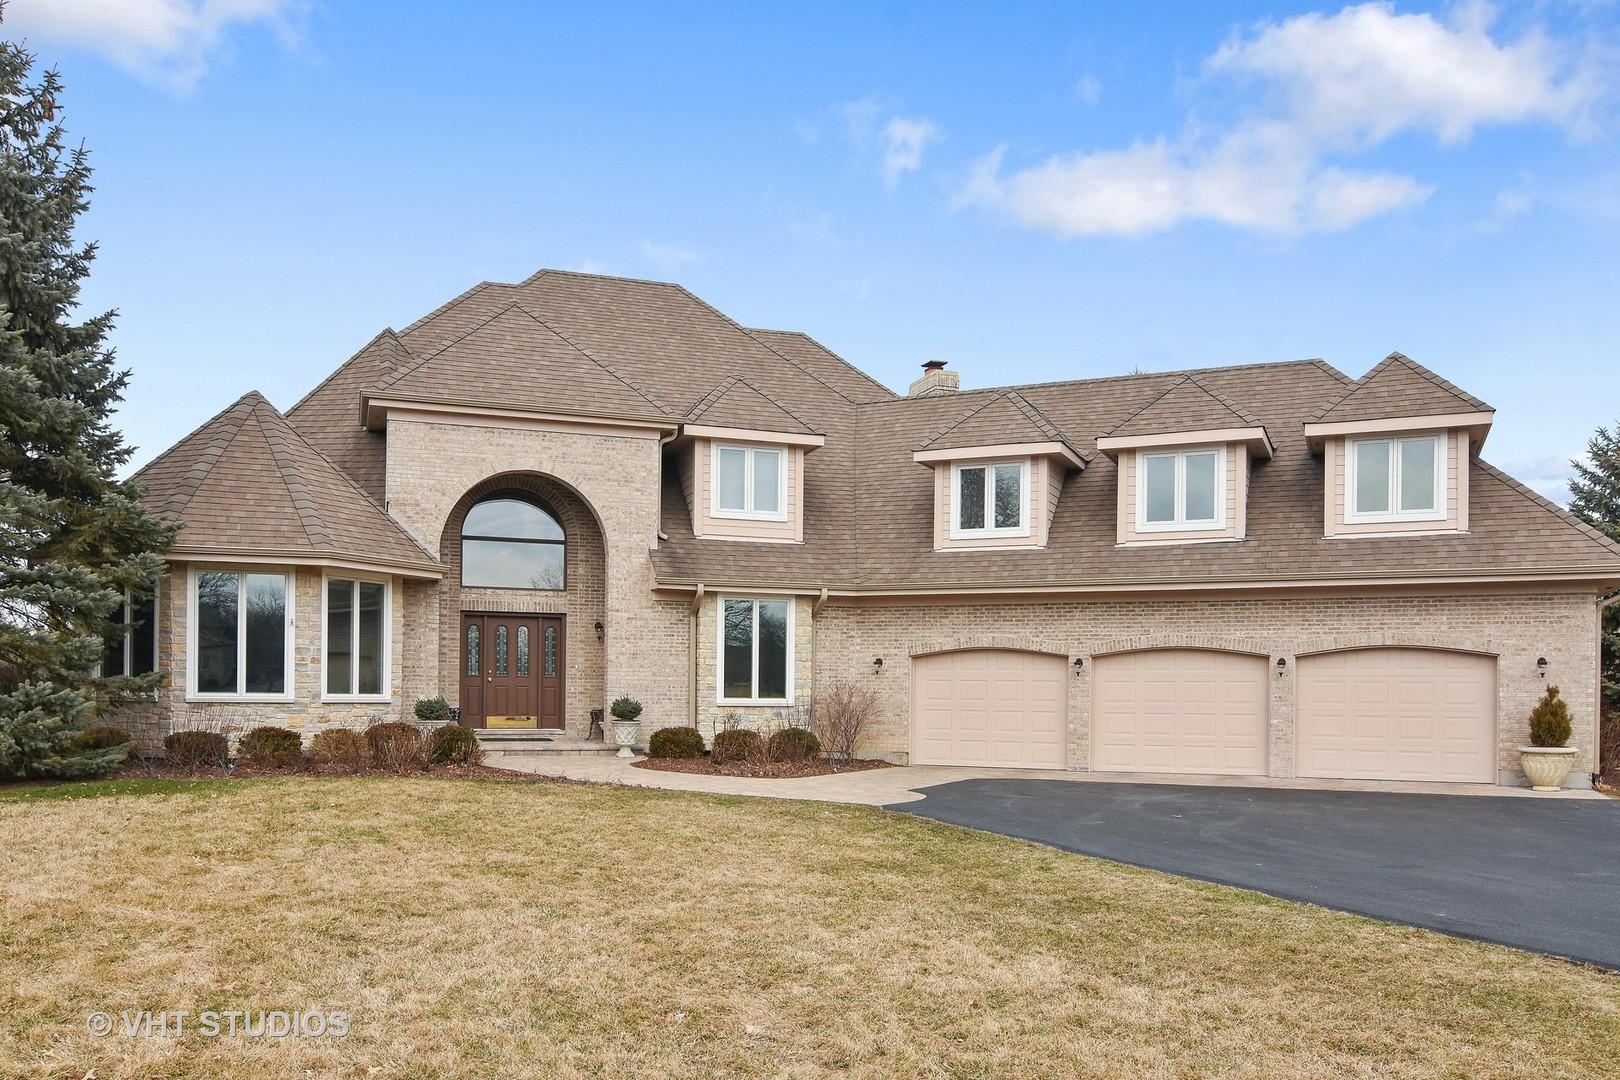 21496 Greenwood Drive, Kildeer, Illinois 60047